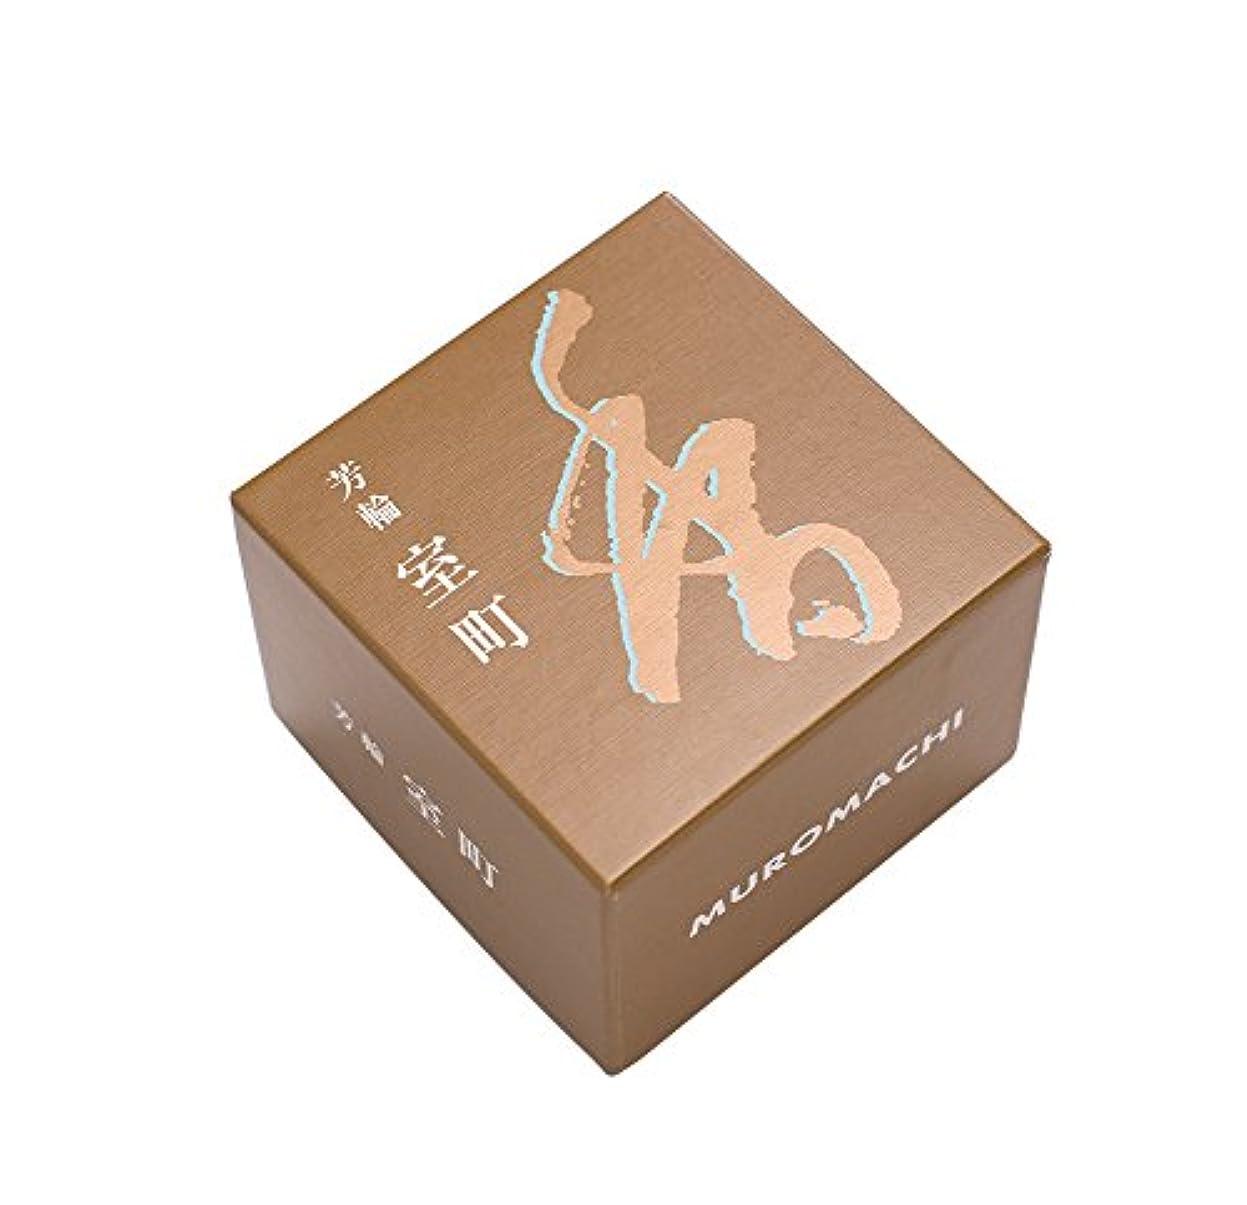 チラチラするコンプリート二十松栄堂のお香 芳輪室町 渦巻型10枚入 うてな角型付 #210421